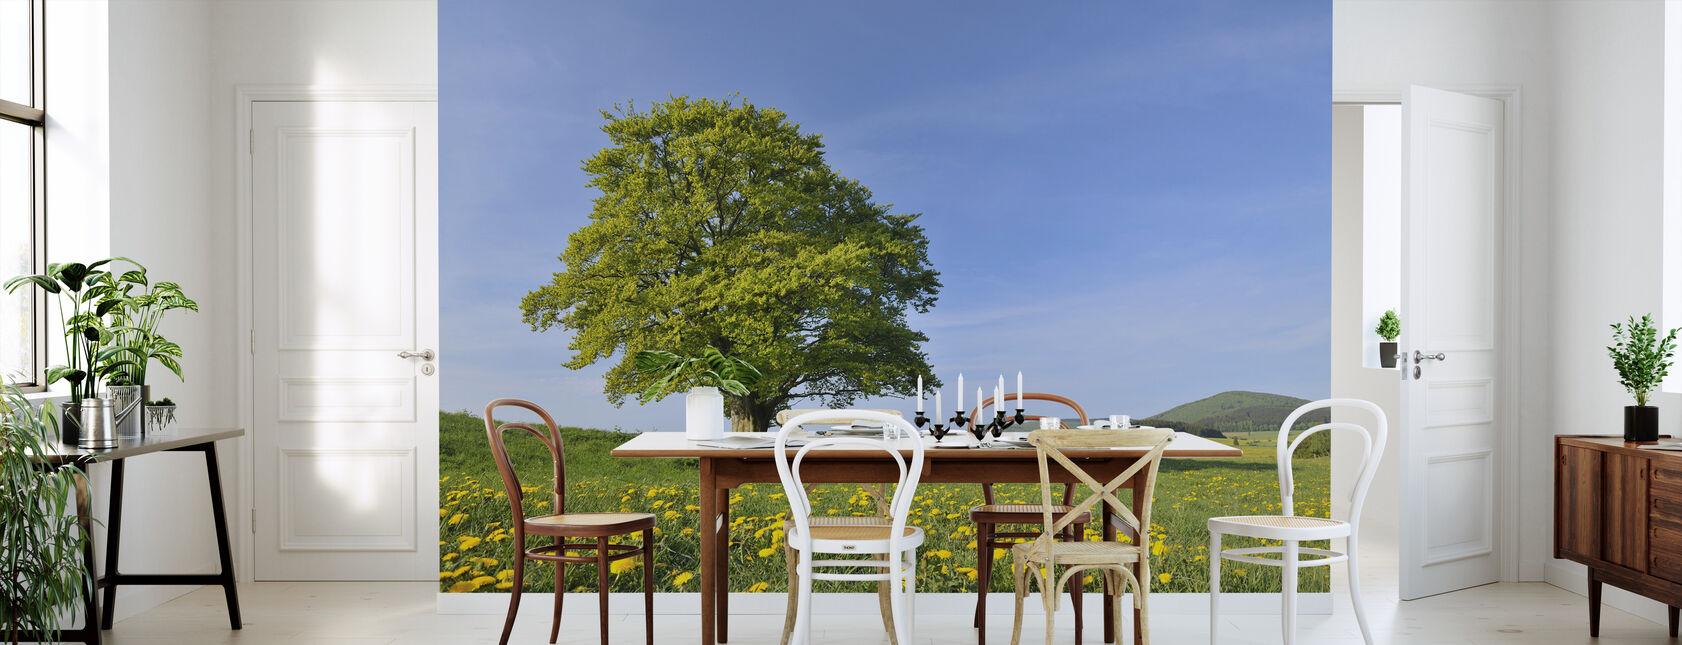 Lone Beech Tree - Wallpaper - Kitchen